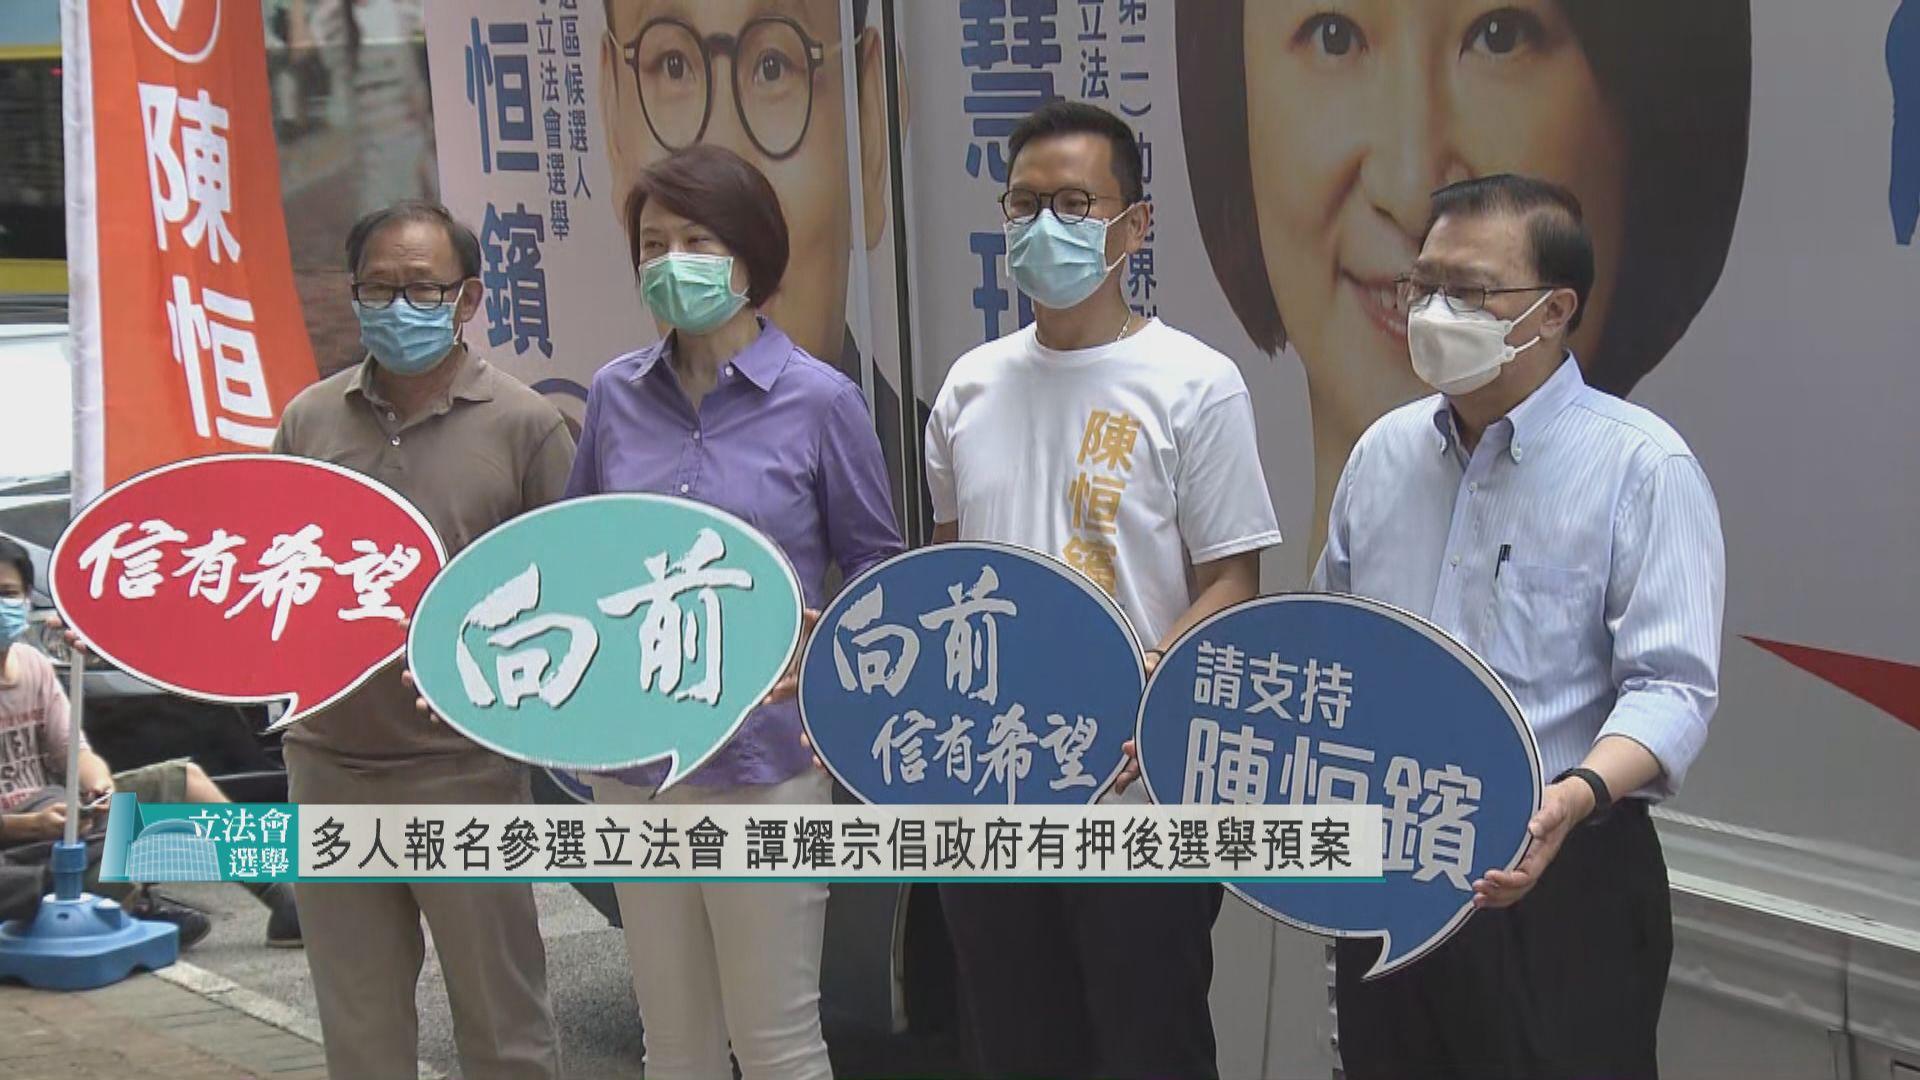 譚耀宗:一旦疫情持續 政府應考慮延遲立法會選舉